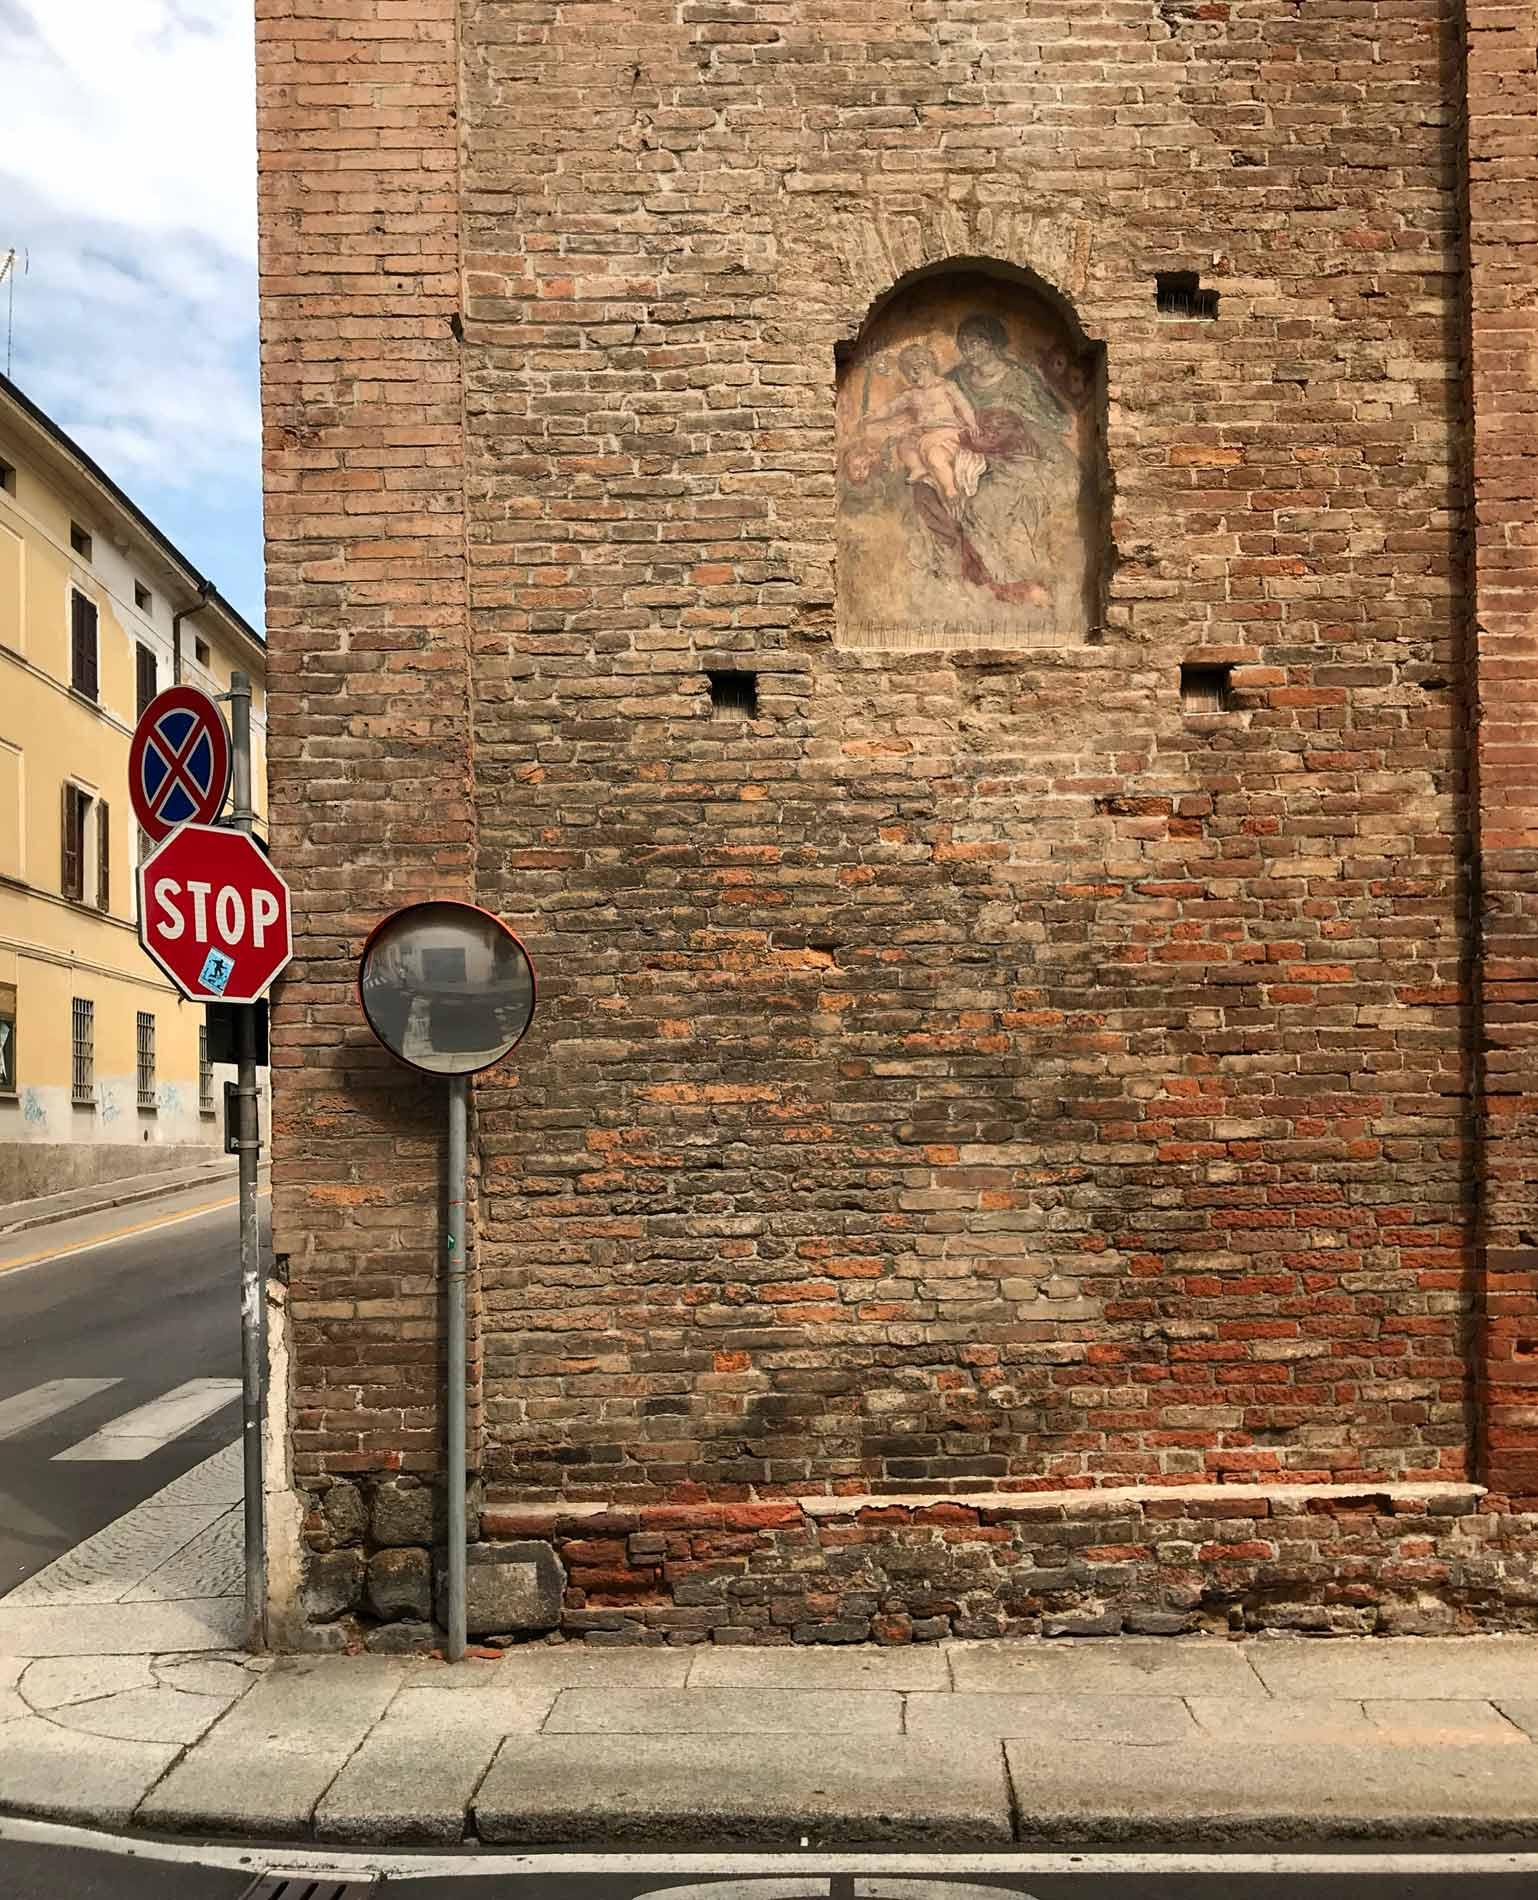 Cremona-chiesa-SS-trinita-muro-esterno-affresco-mattoni-cartelli-stradali